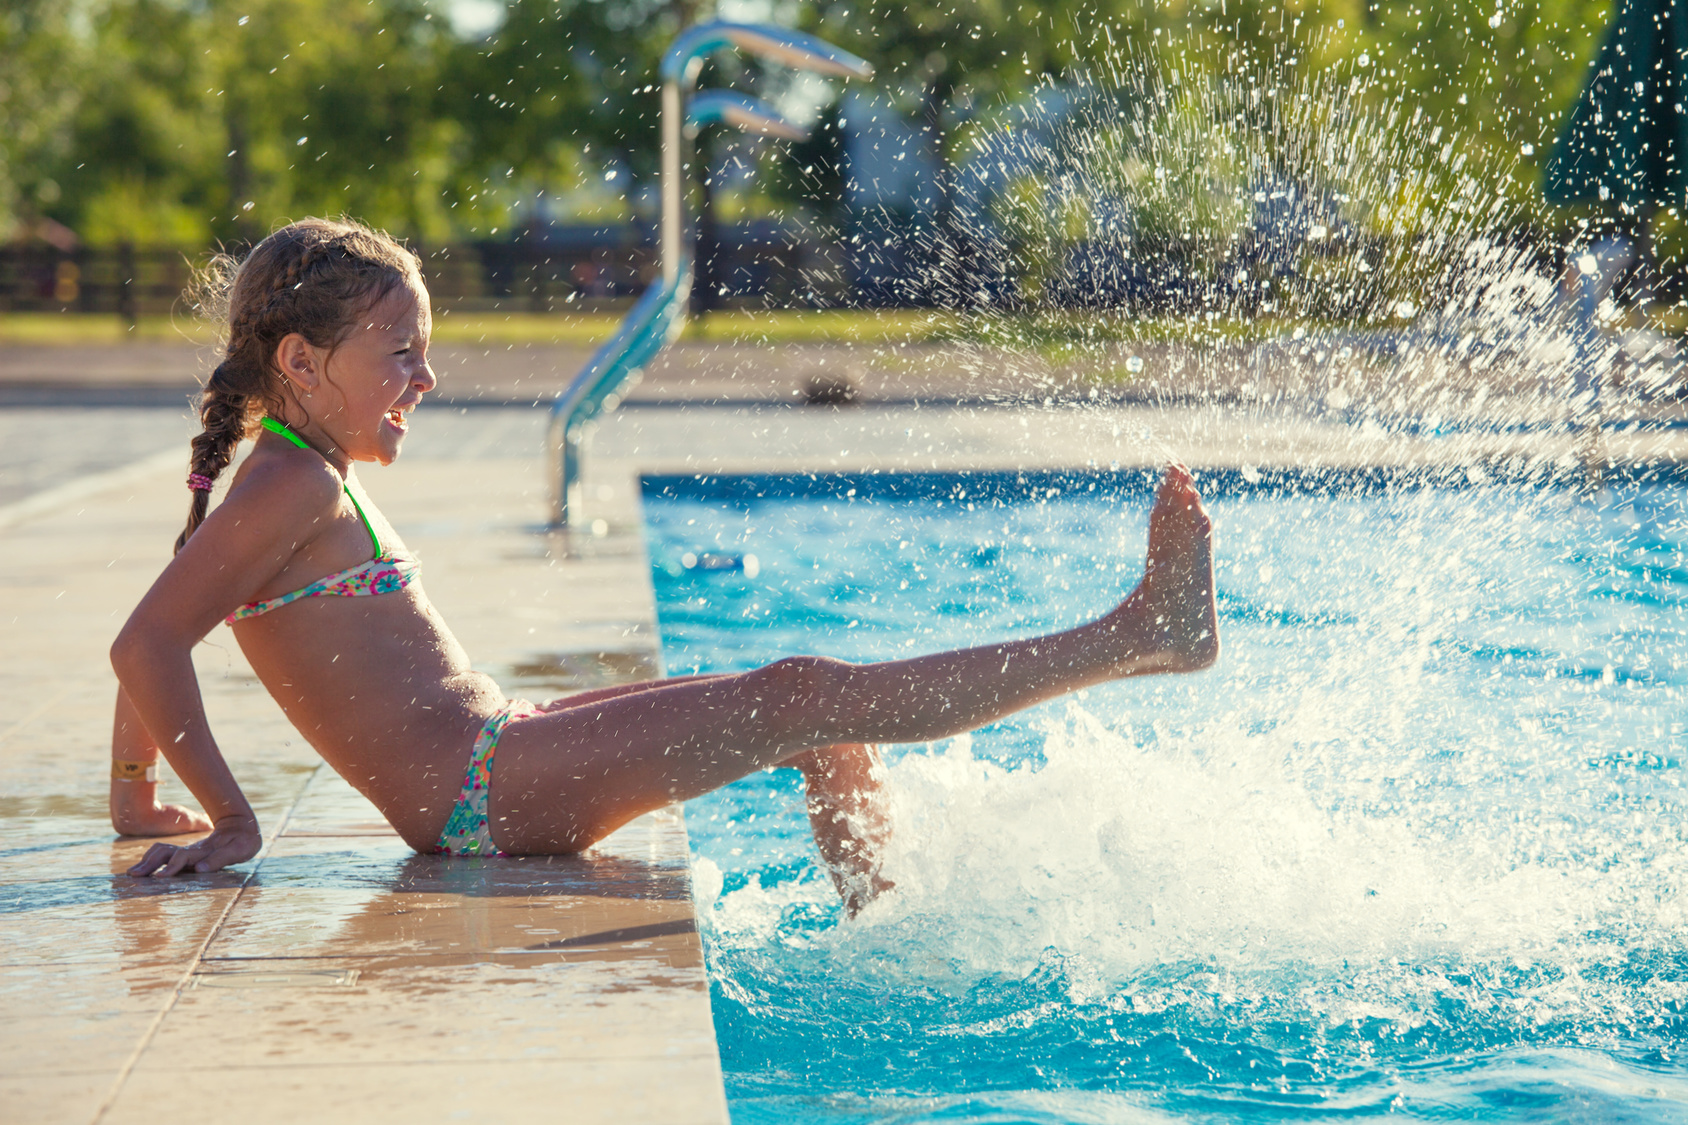 Louez votre piscine avec swimmy le airbnb des piscines for Swimmy location piscine